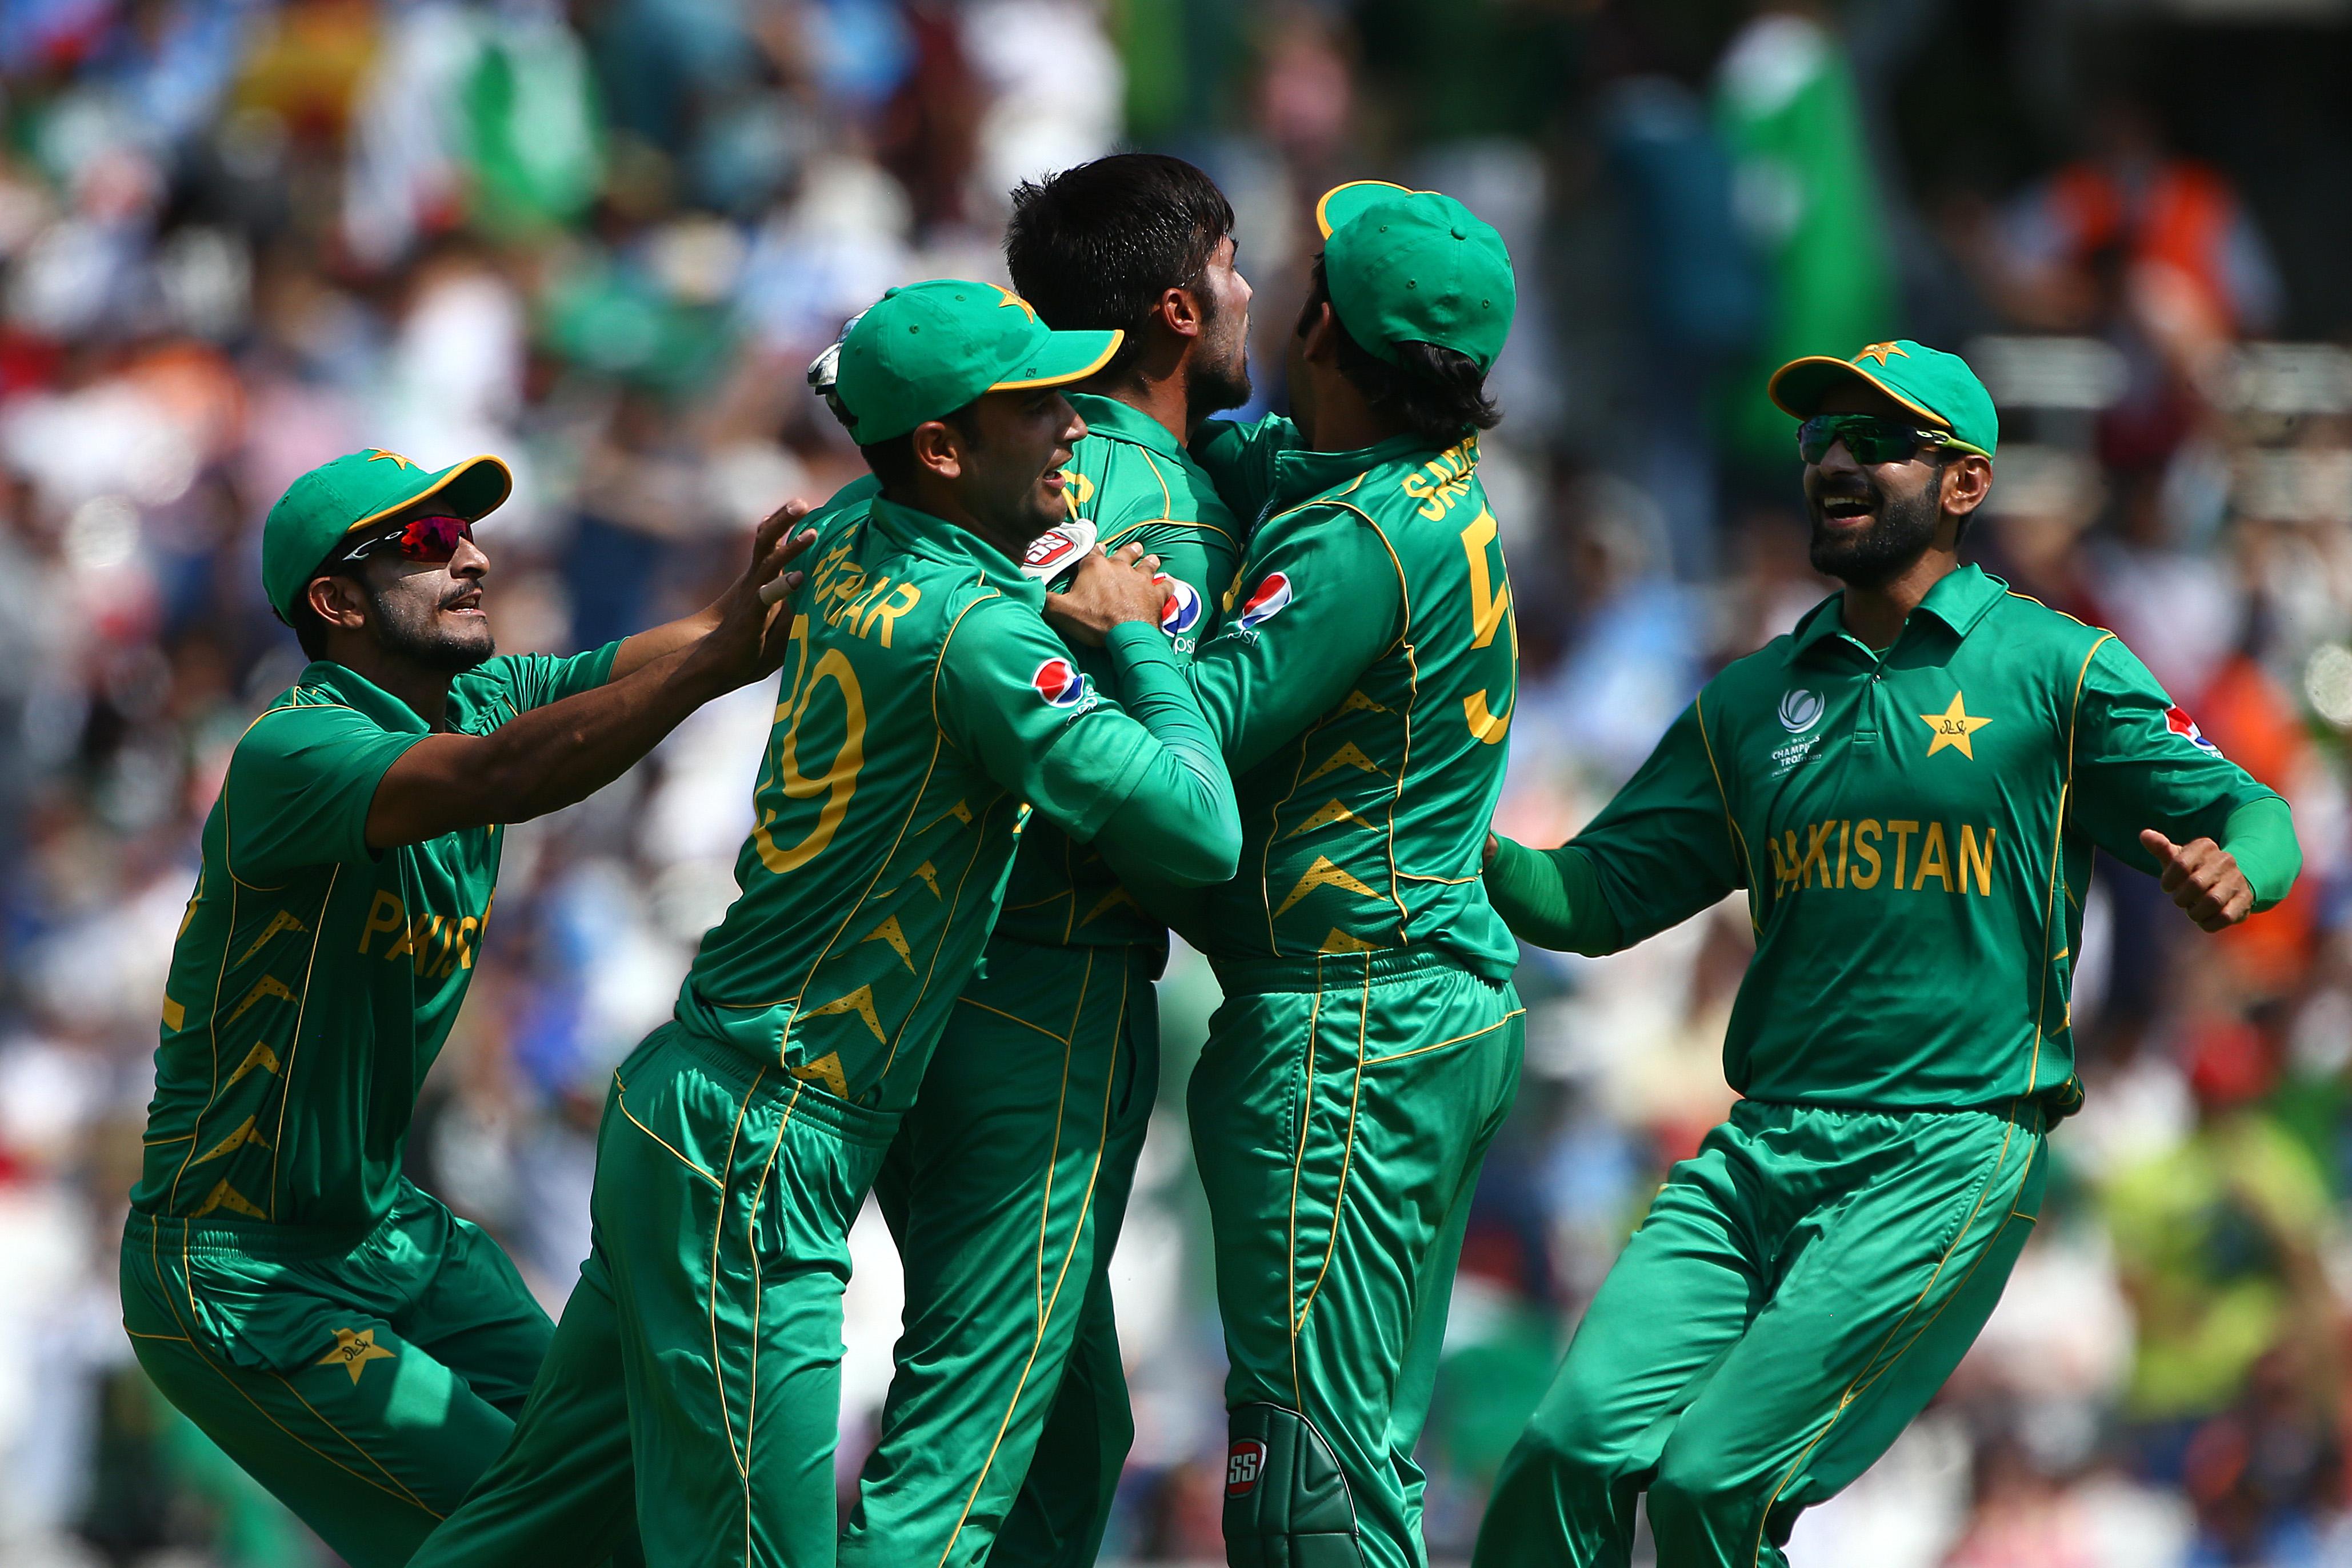 এশিয়া কাপ ২০১৮: যে তিনটি কারণে এশিয়া কাপে ভারতের বিপক্ষে জয় পেতে পারে পাকিস্তান 2